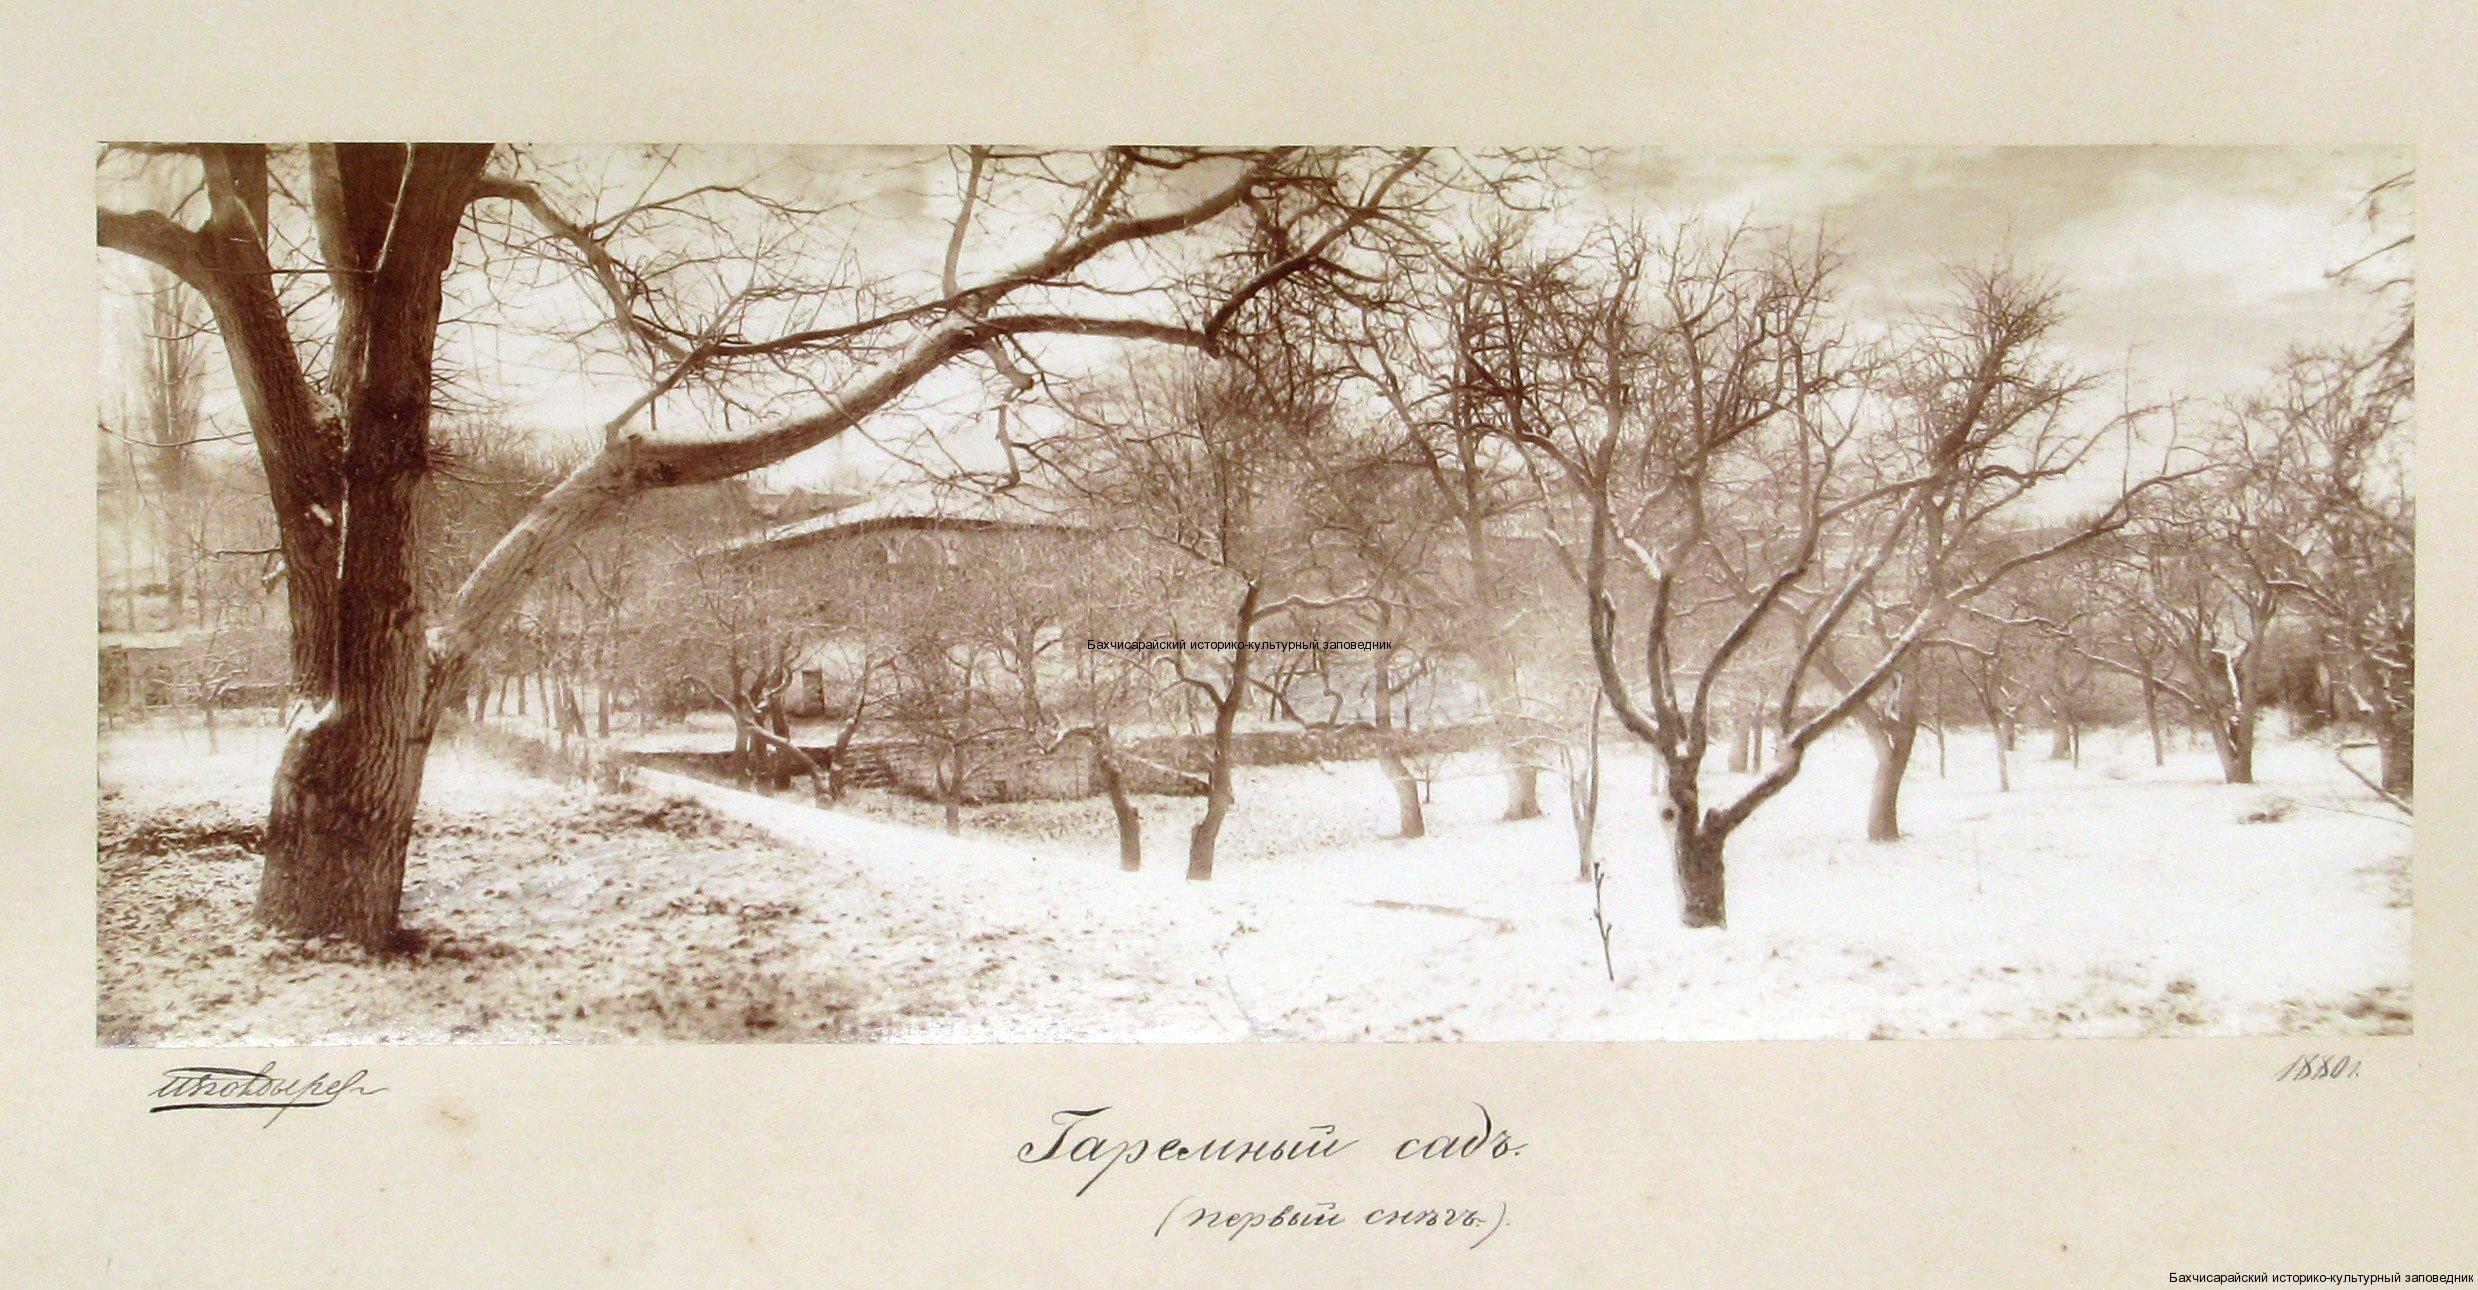 Гаремный сад (первый снег)